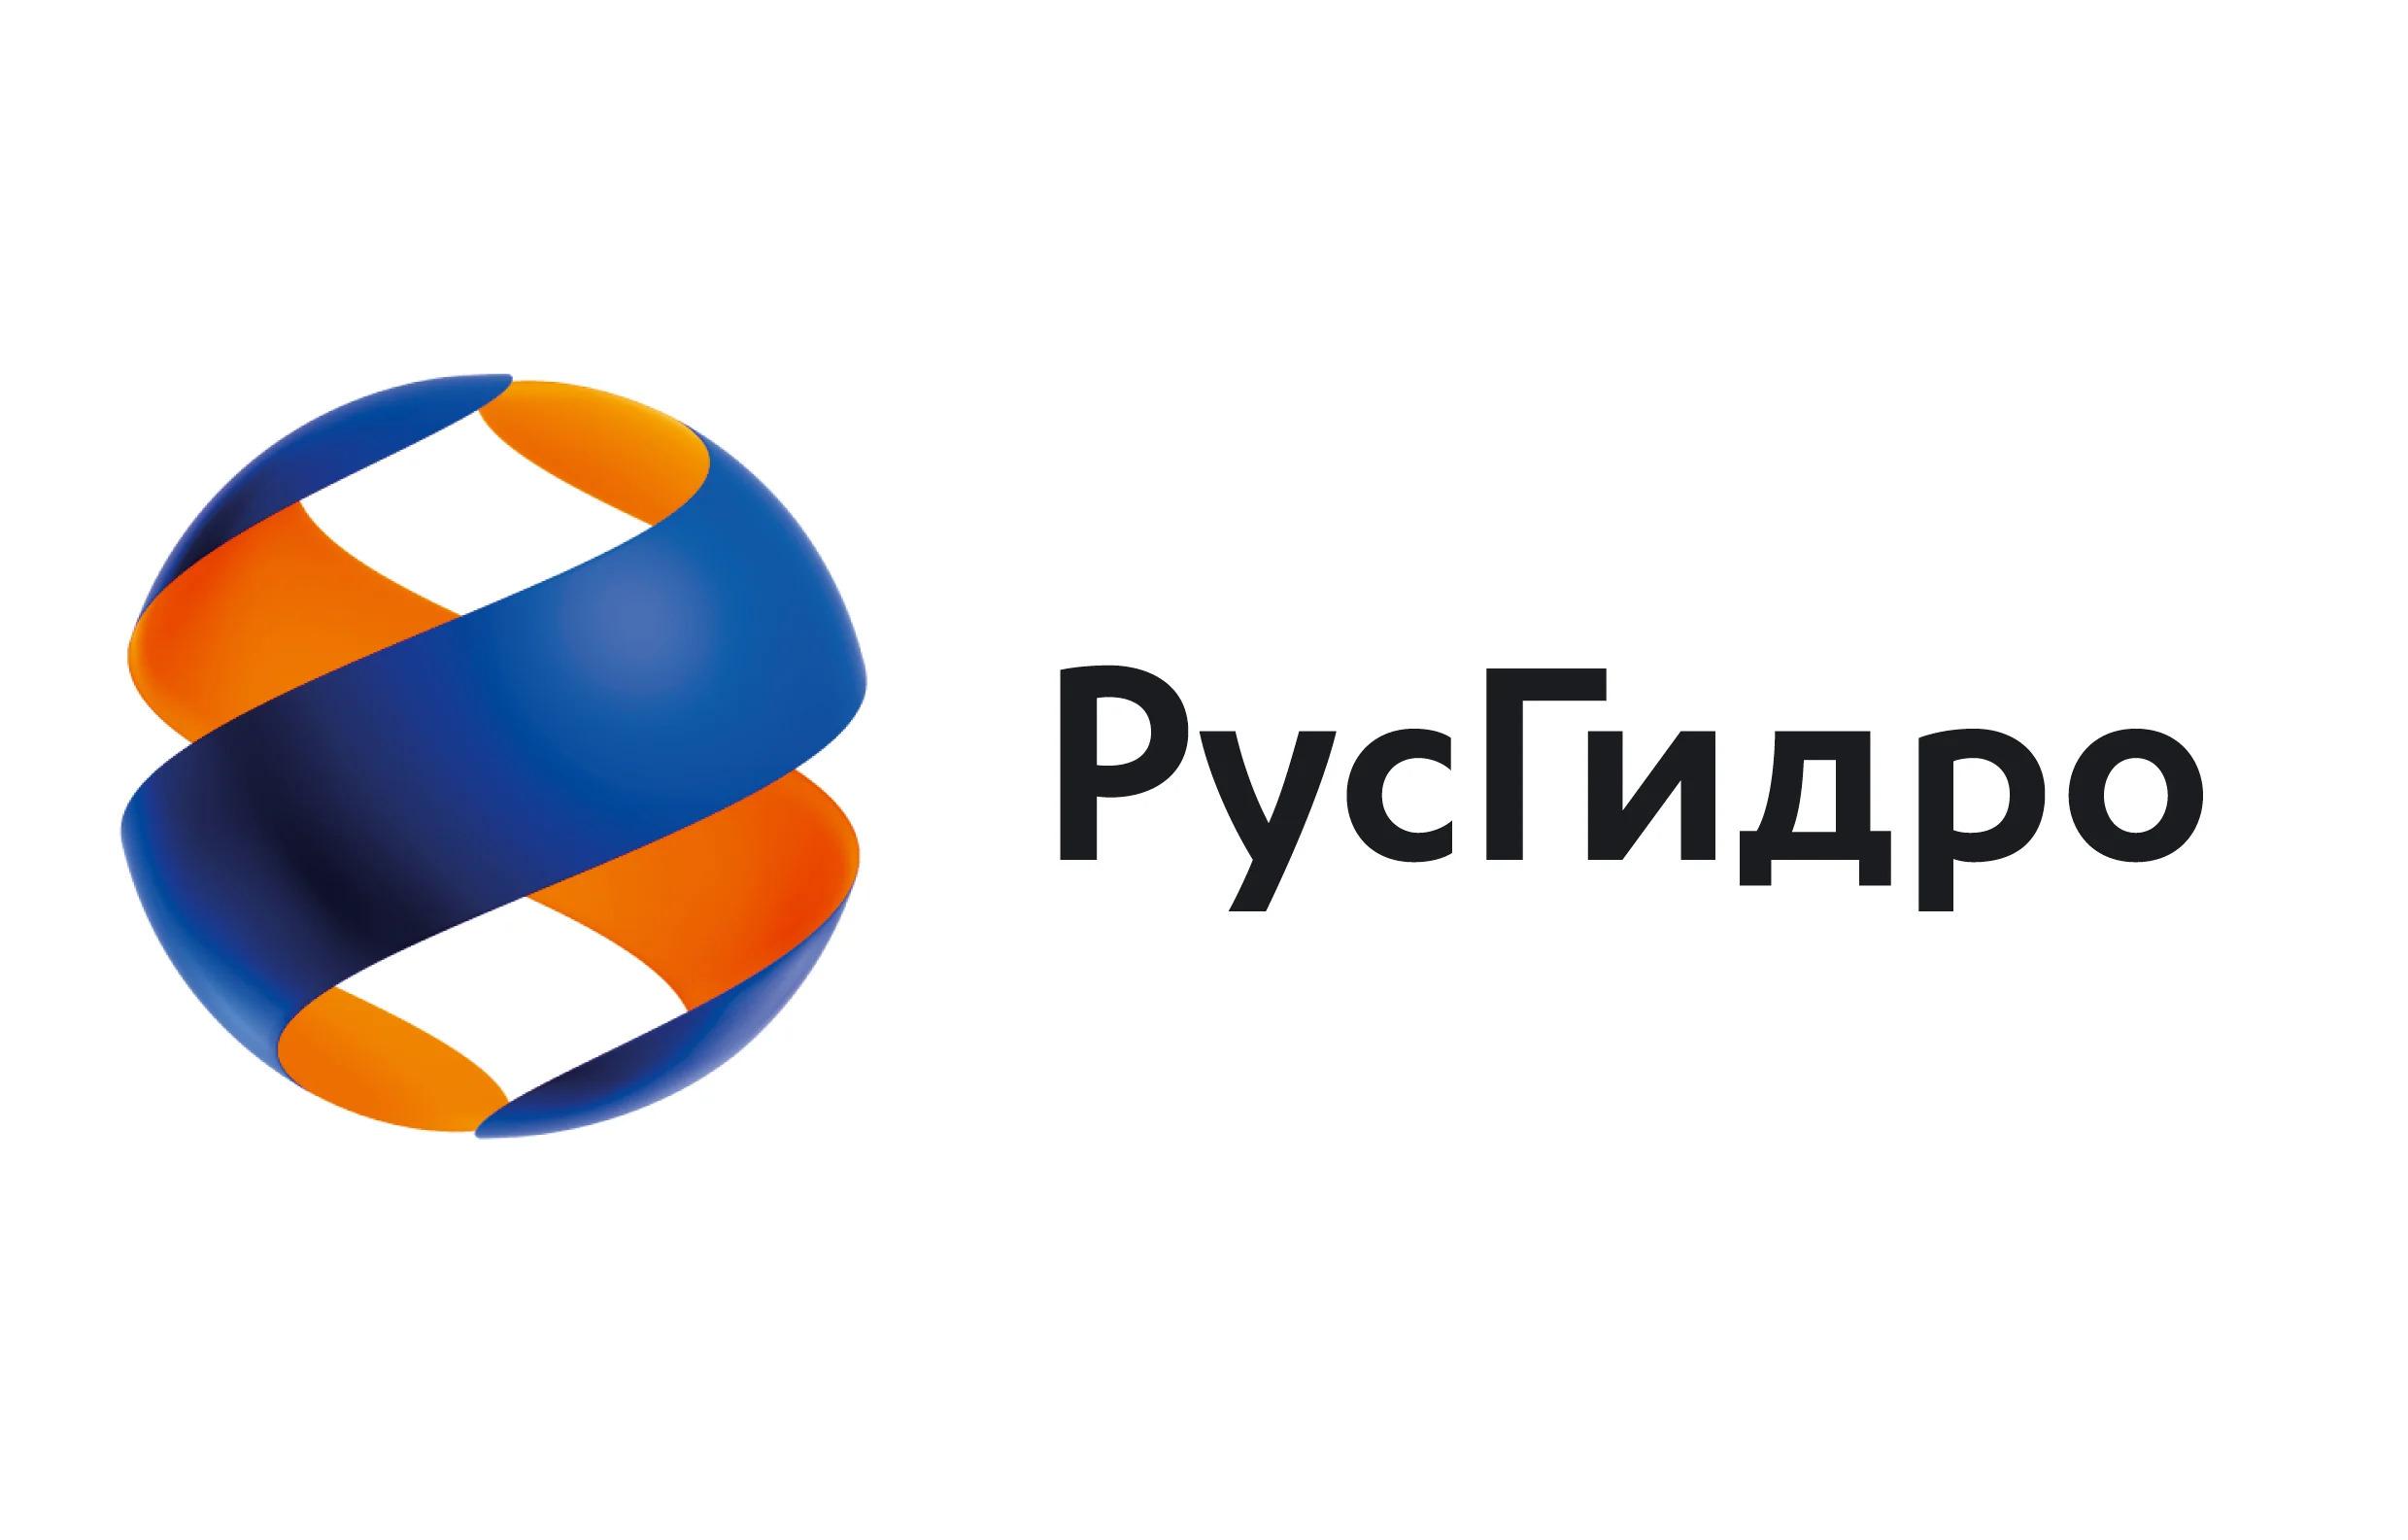 РусГидро заказывает ворота и жалюзи в компании Ворота Сервис Саяногорск